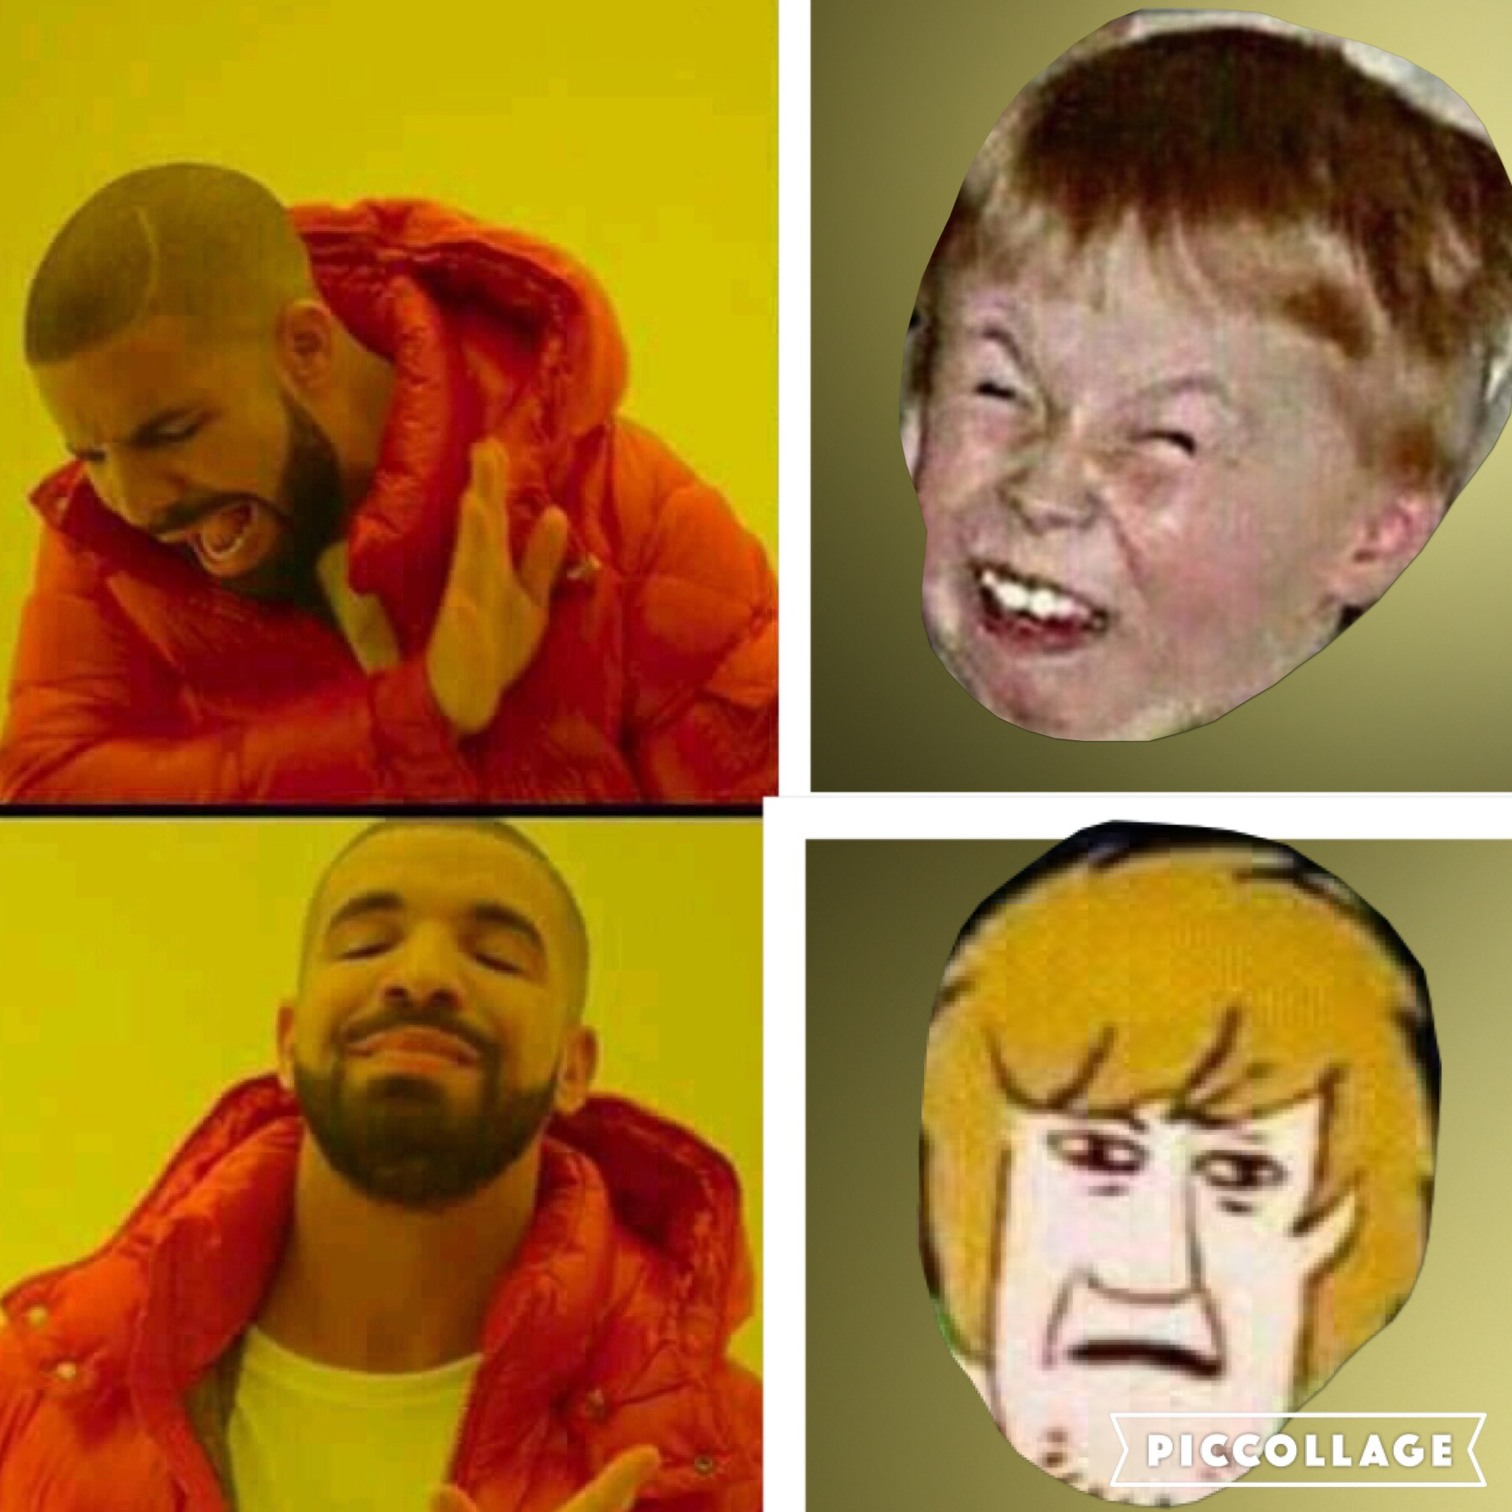 se robaron el título - meme